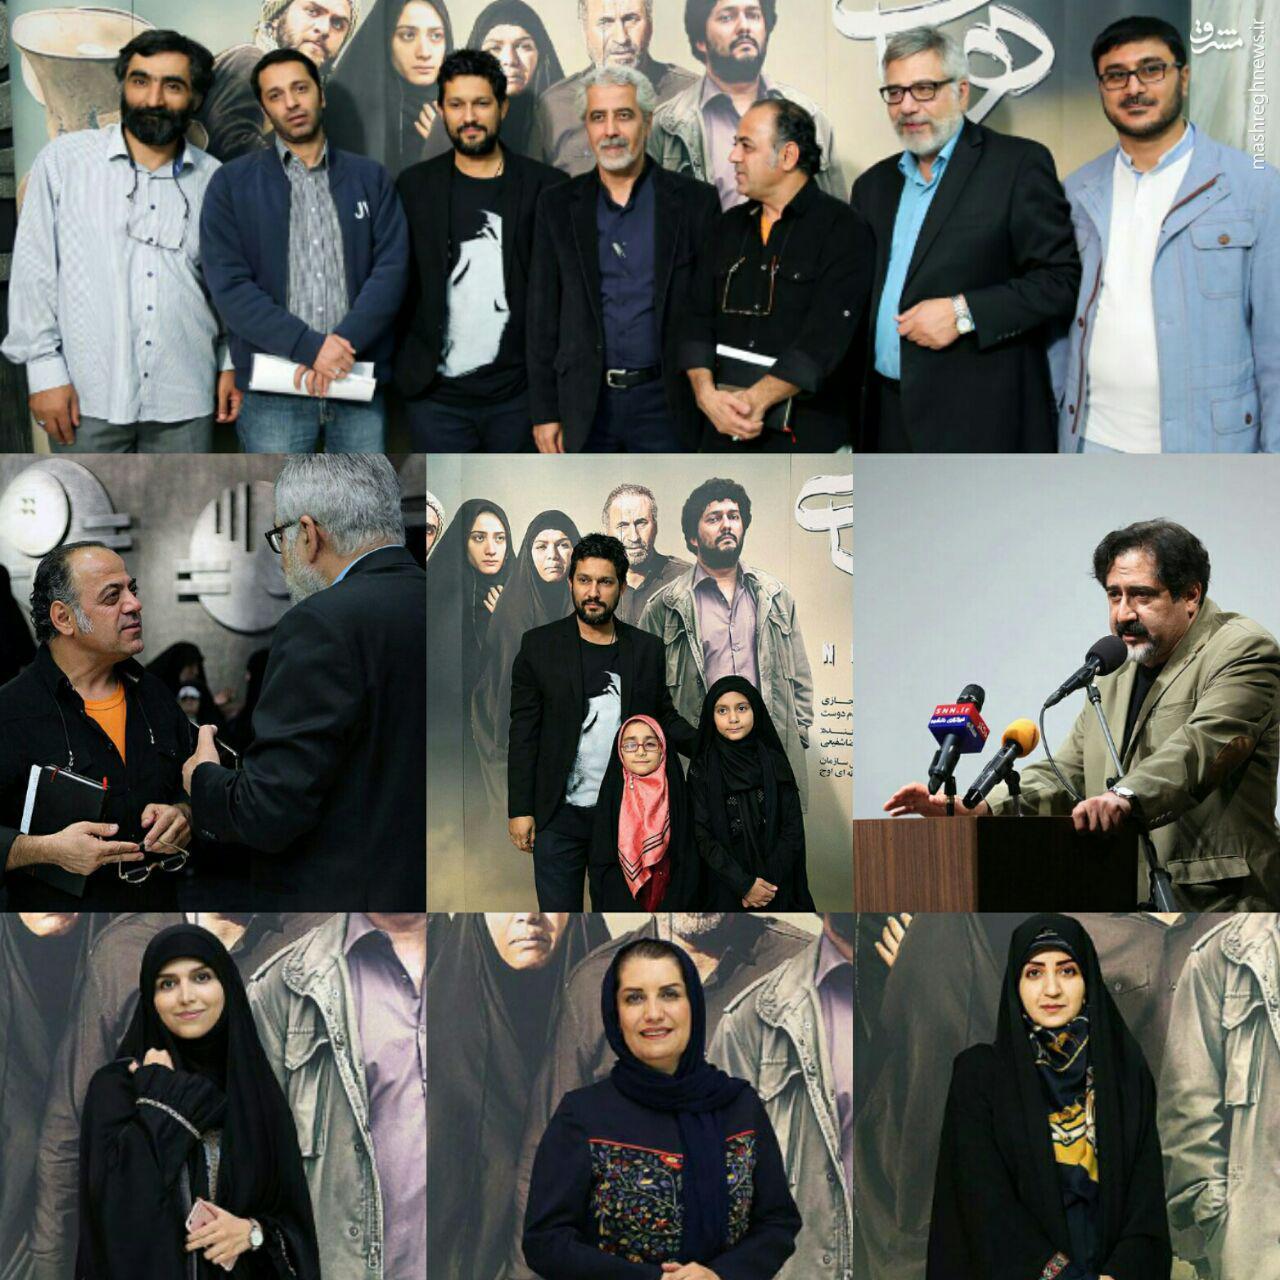 اکران فیلم سینمایی «هیهات» با حضور چهره ها عکس